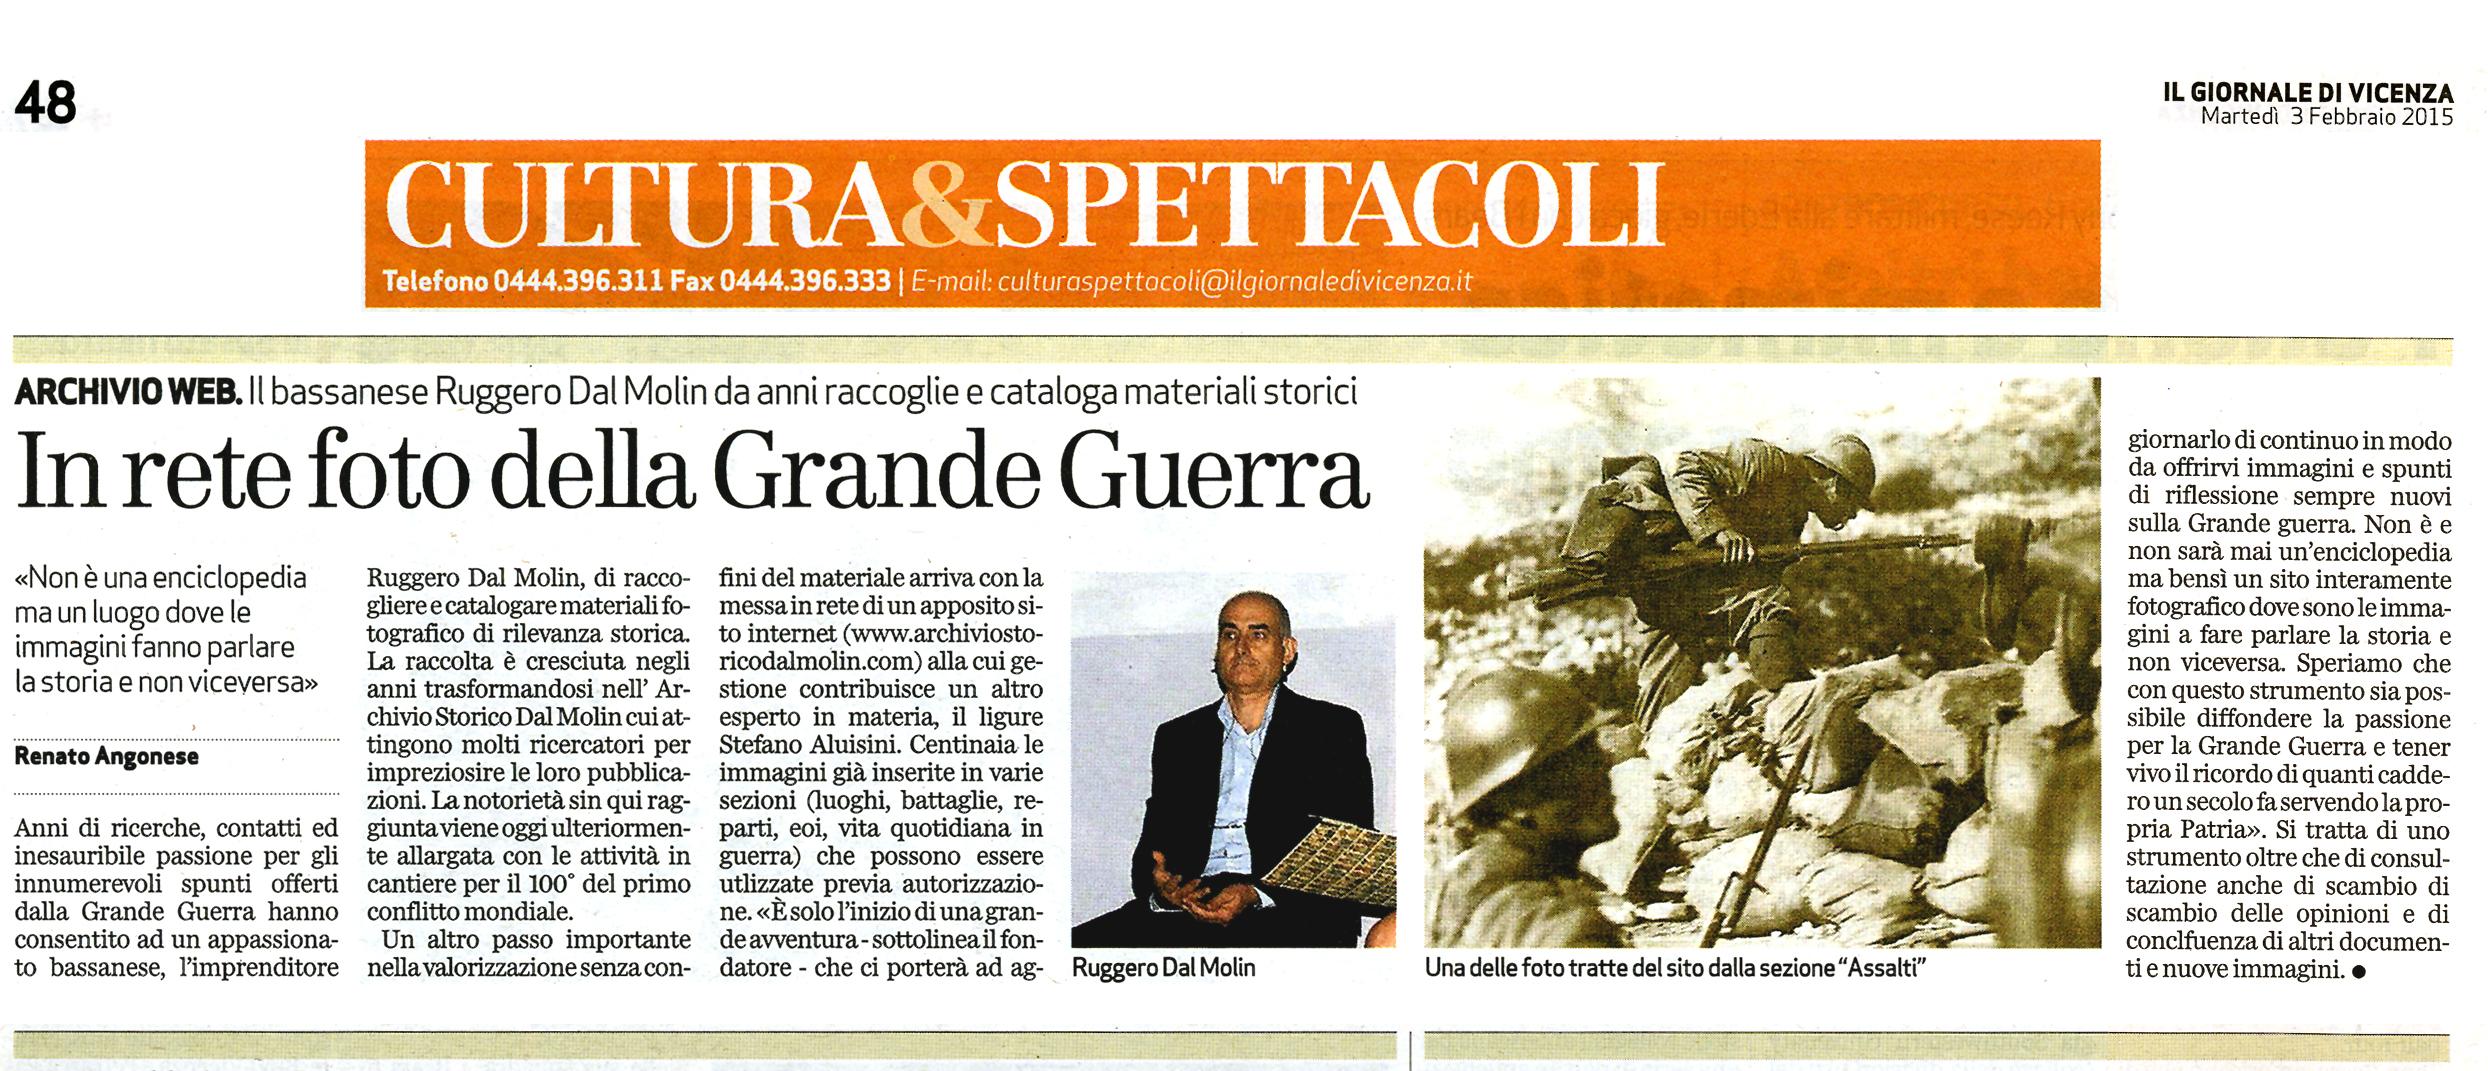 """Da """"Il Giornale di Vicenza"""" del 3 febbraio 2015"""